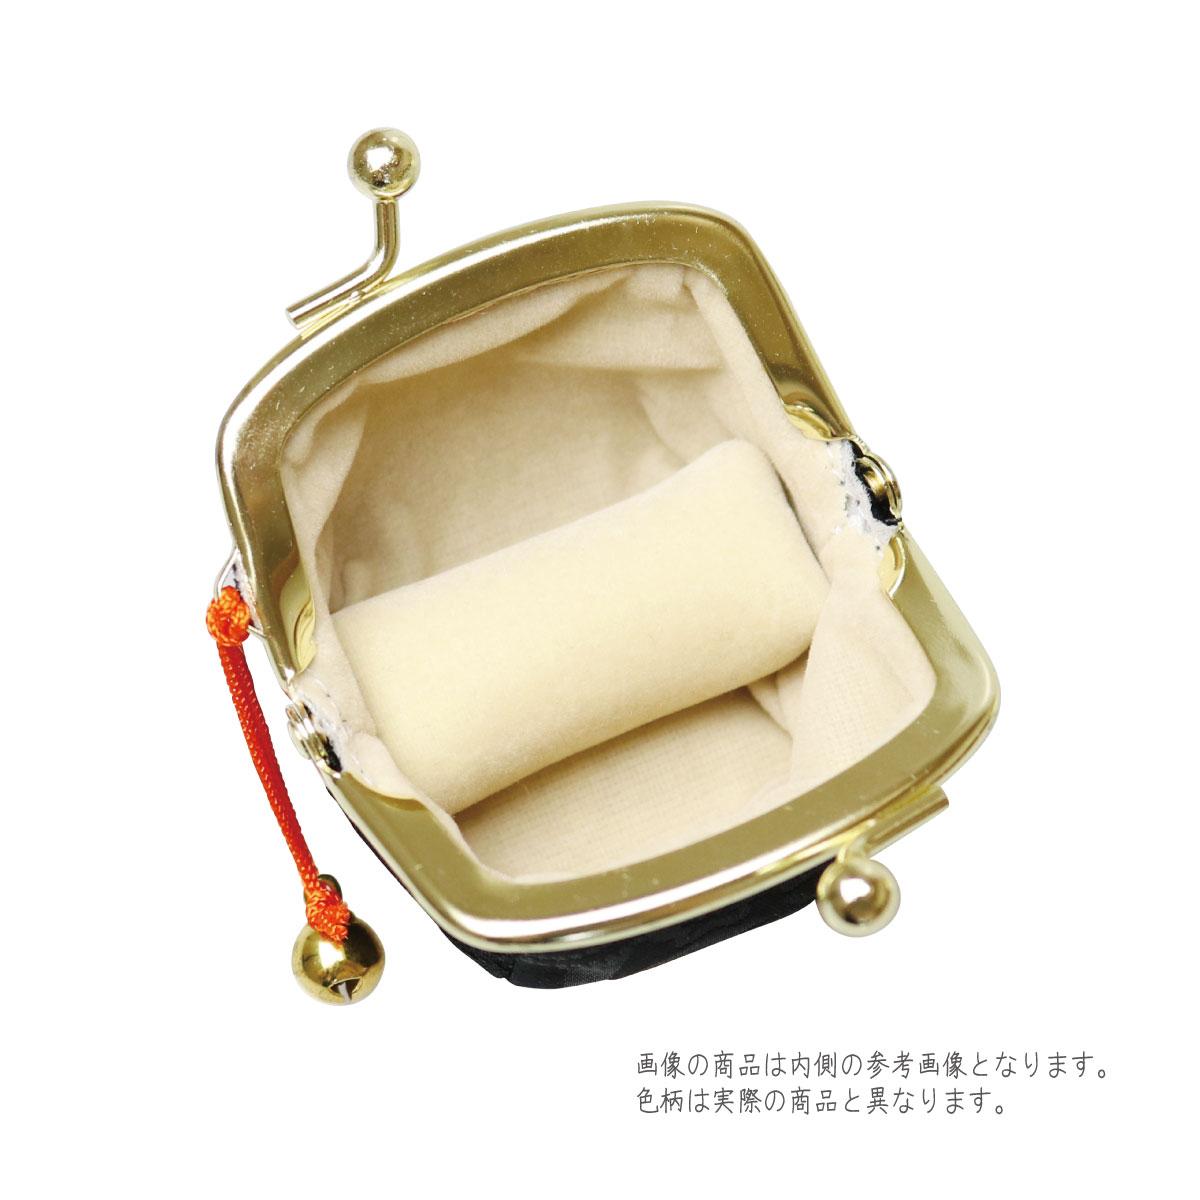 【がま口】指輪差し付・財布/小銭入れ ミニサイズ小鈴付<三色桜>藤